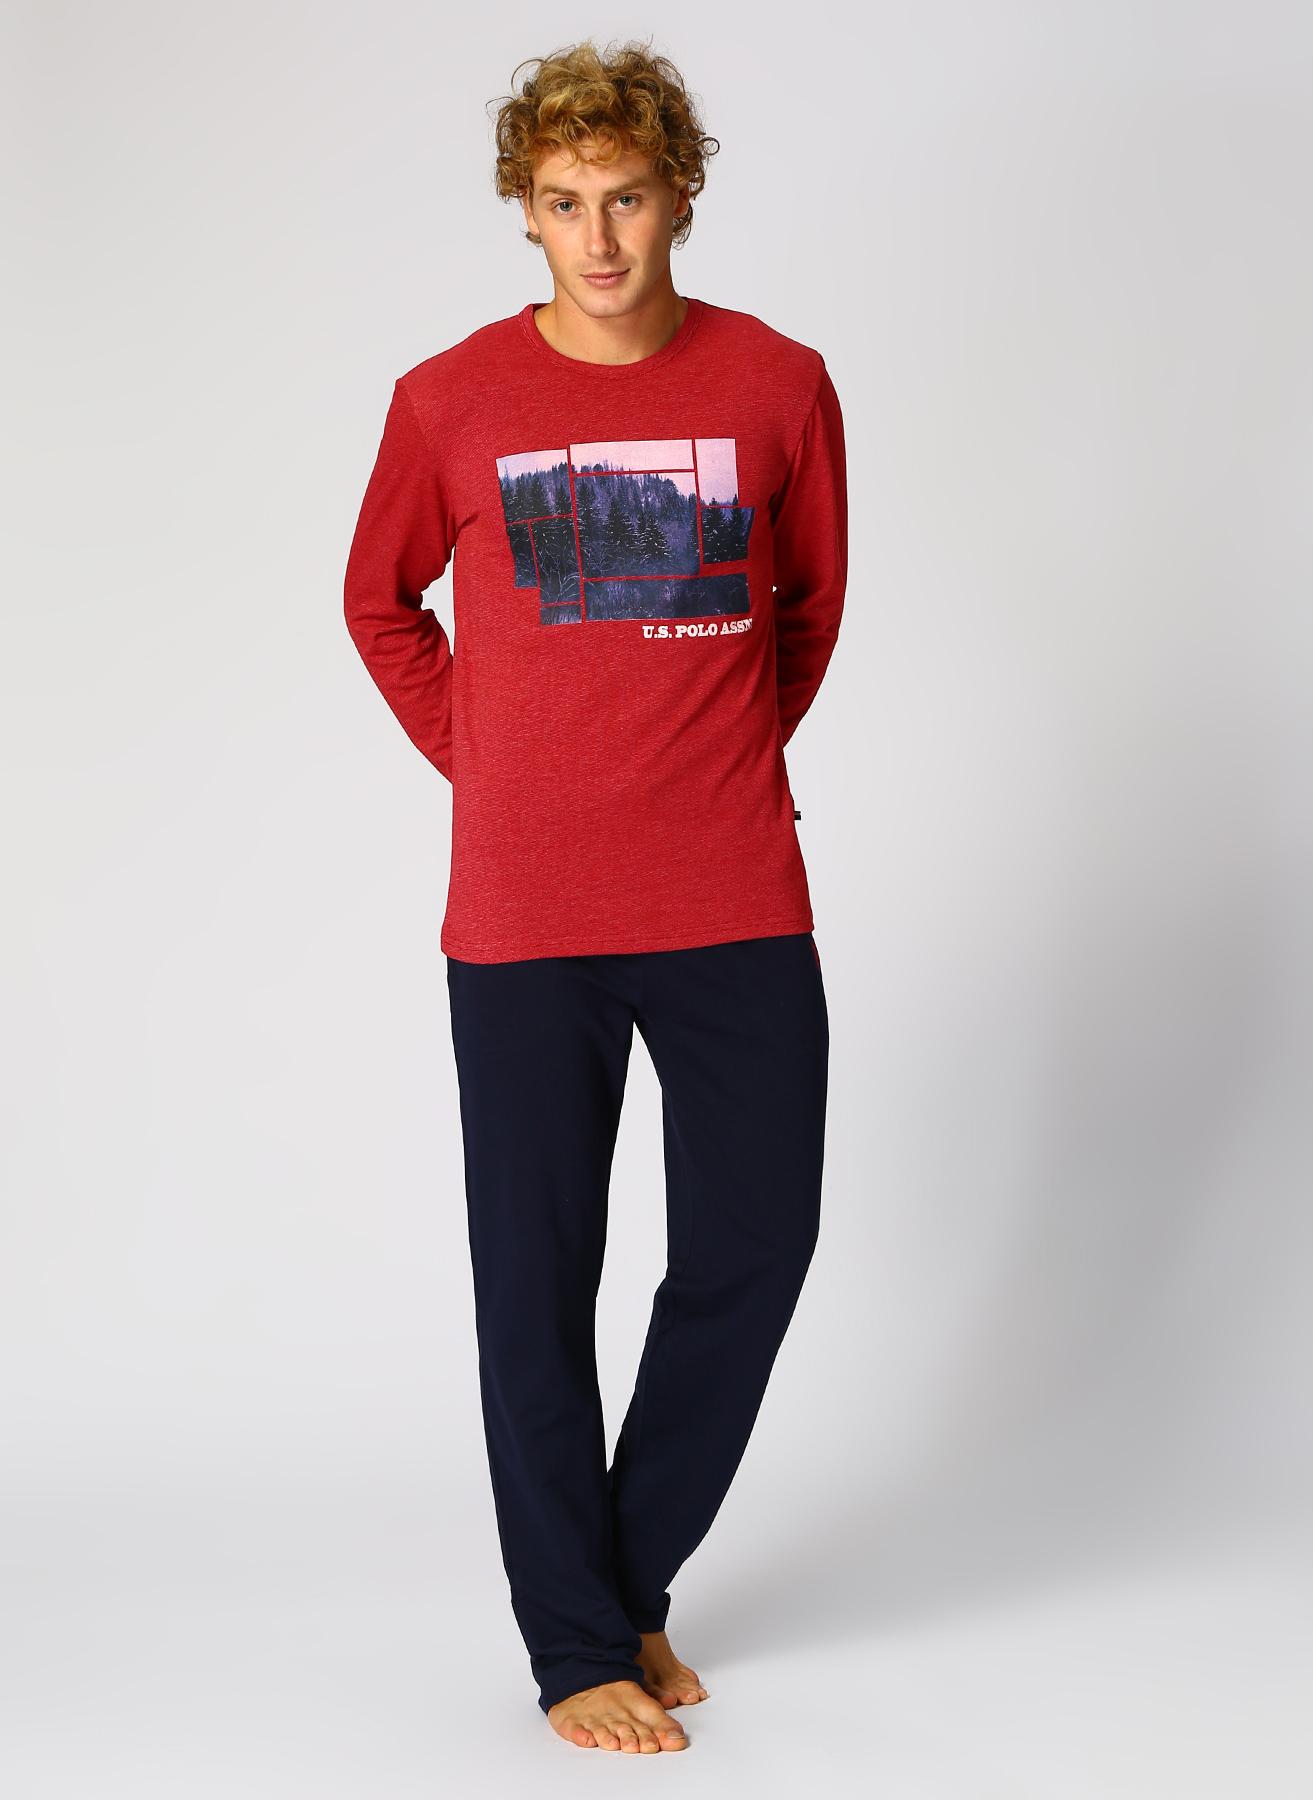 U.S. Polo Assn. Leopar Desenli Siyah Pijama Takımı XL 5002327497002 Ürün Resmi